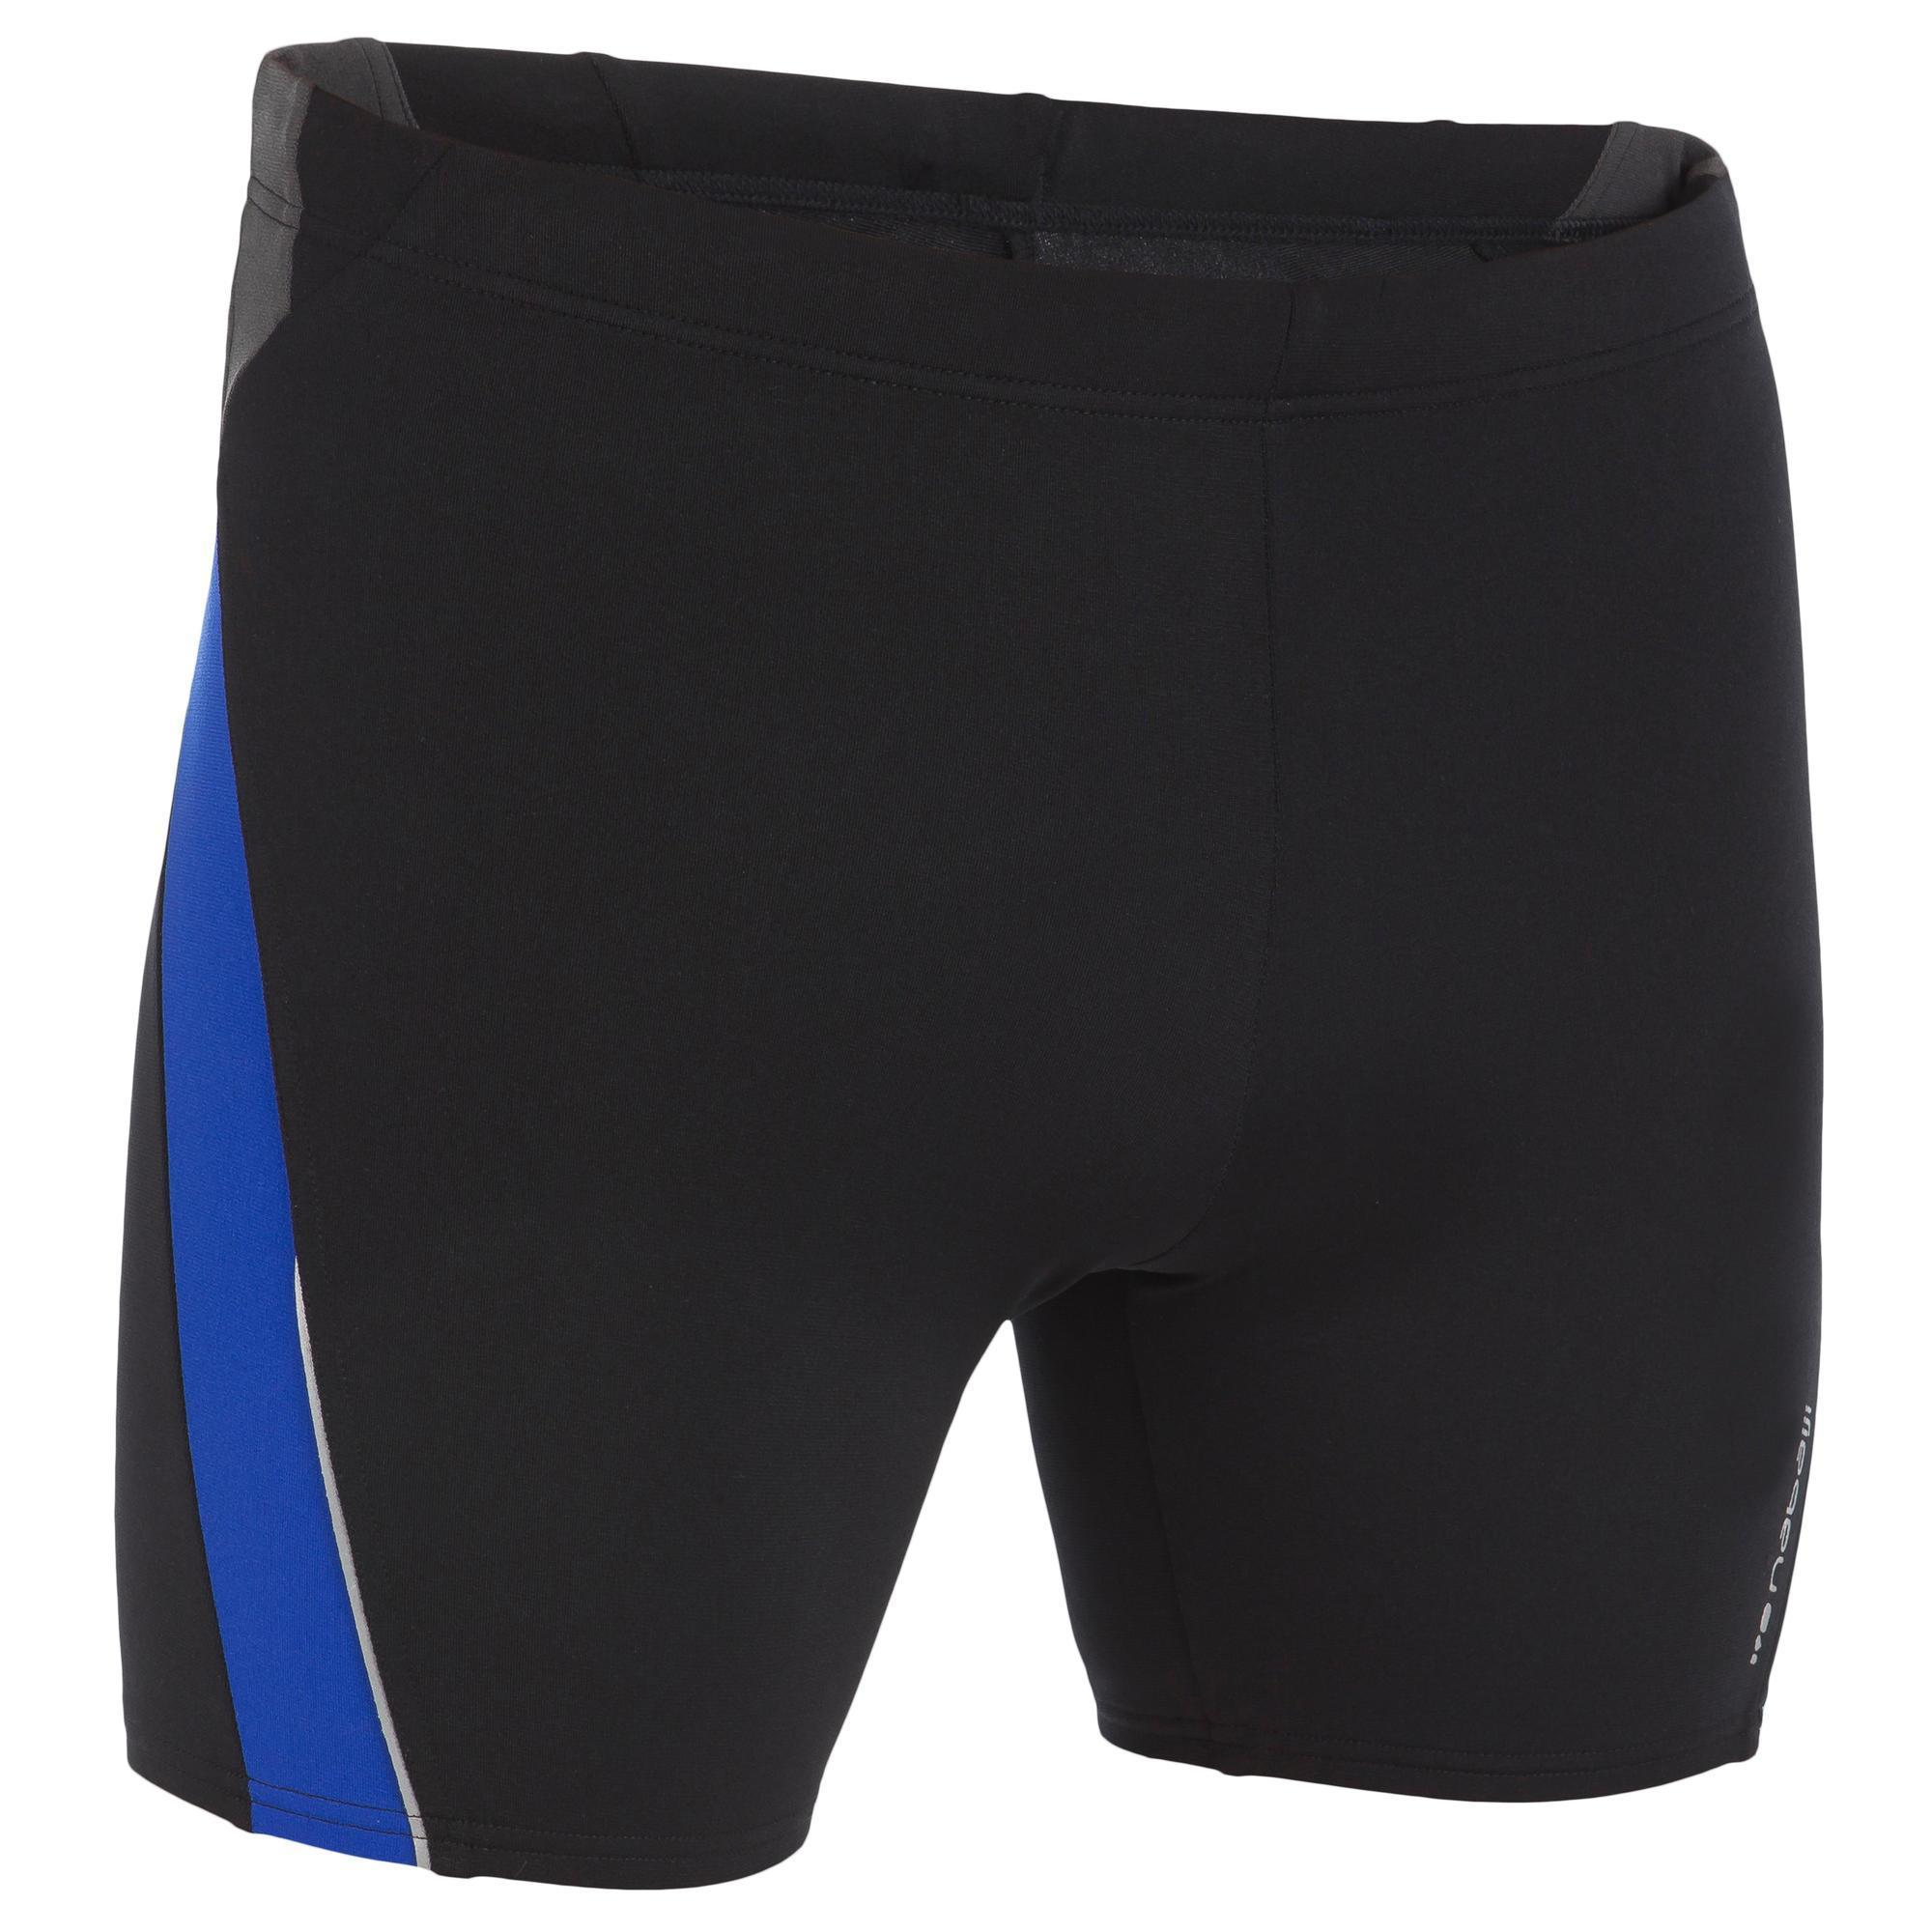 Badehose Boxer Long 500 Herren | Bekleidung > Bademode > Badehosen | Nabaiji